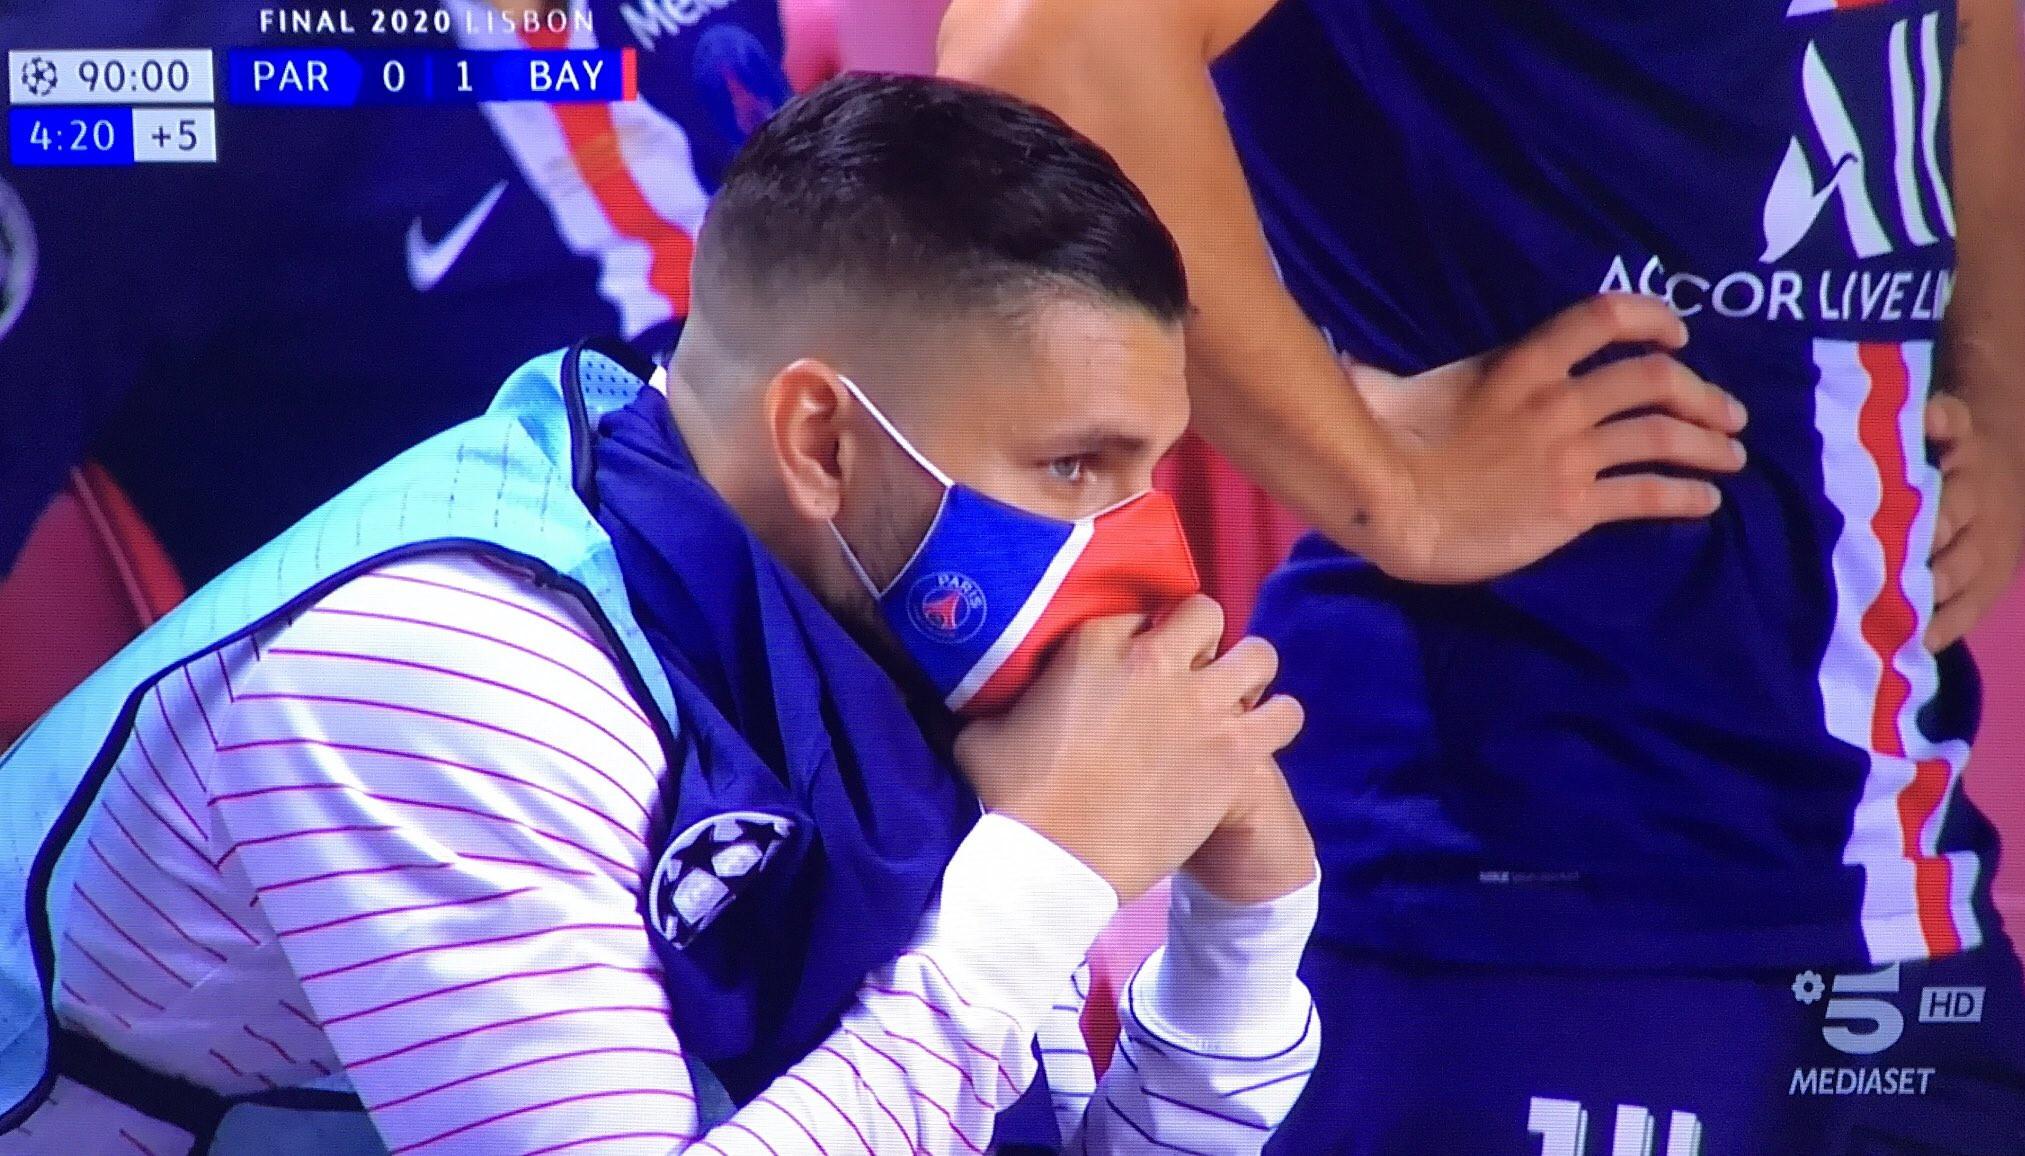 Il Bayern di Ivan Perisic trionfa in Champions contro il Psg di Mauro Icardi, che resta in panchina per tutti i 90 minuti e non entra neanche coi parigini sotto. Una bocciatura che ha scatenato l&#39;ironia dei tifosi dell&#39;Inter, che sui social non hanno perdonato l&#39;argentino...<br /><br />